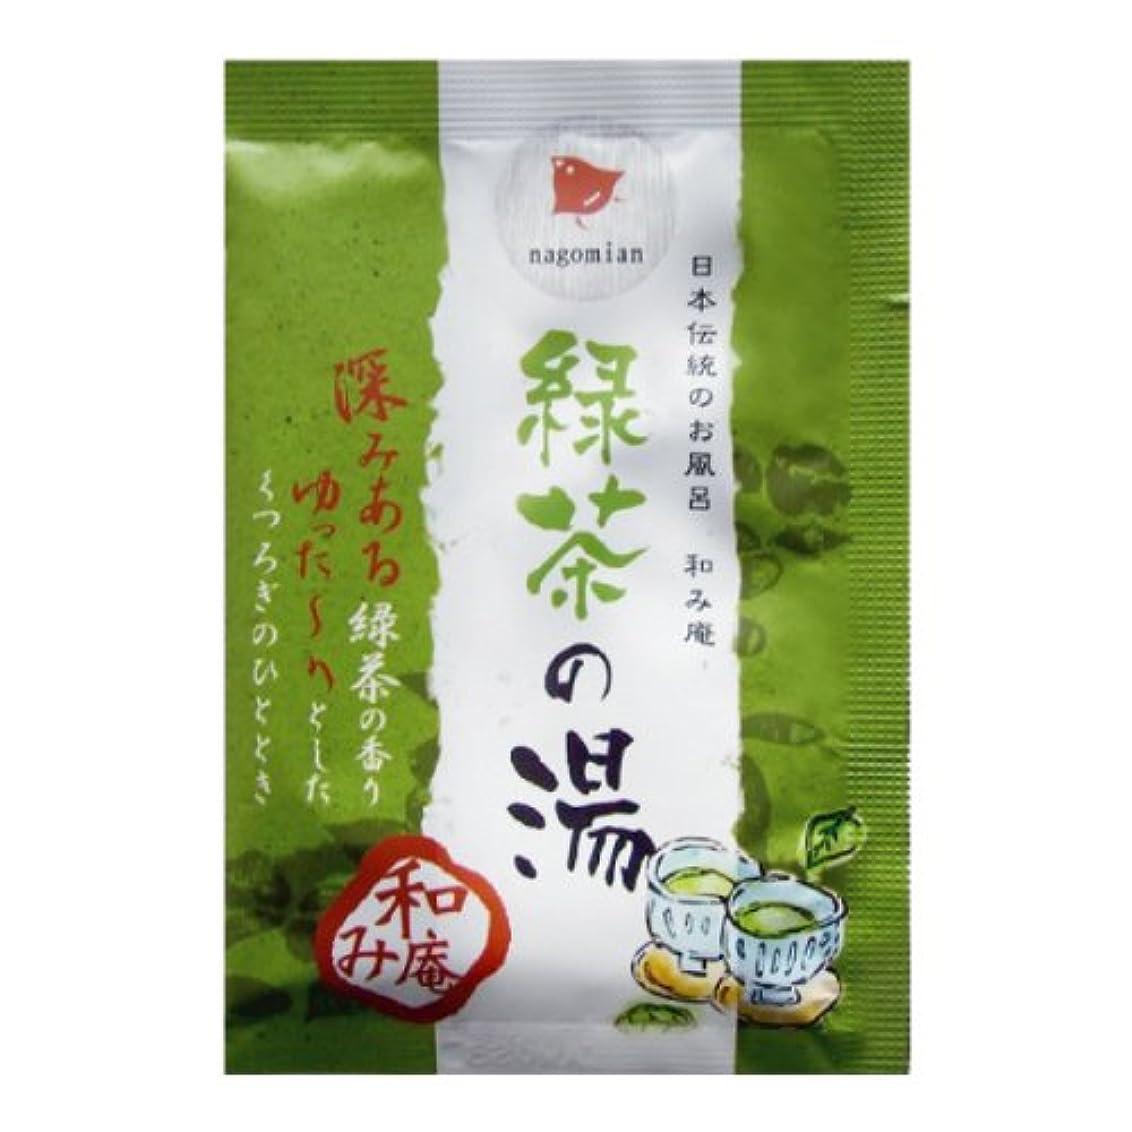 所属通路絶えず日本伝統のお風呂 和み庵 緑茶の湯 200包